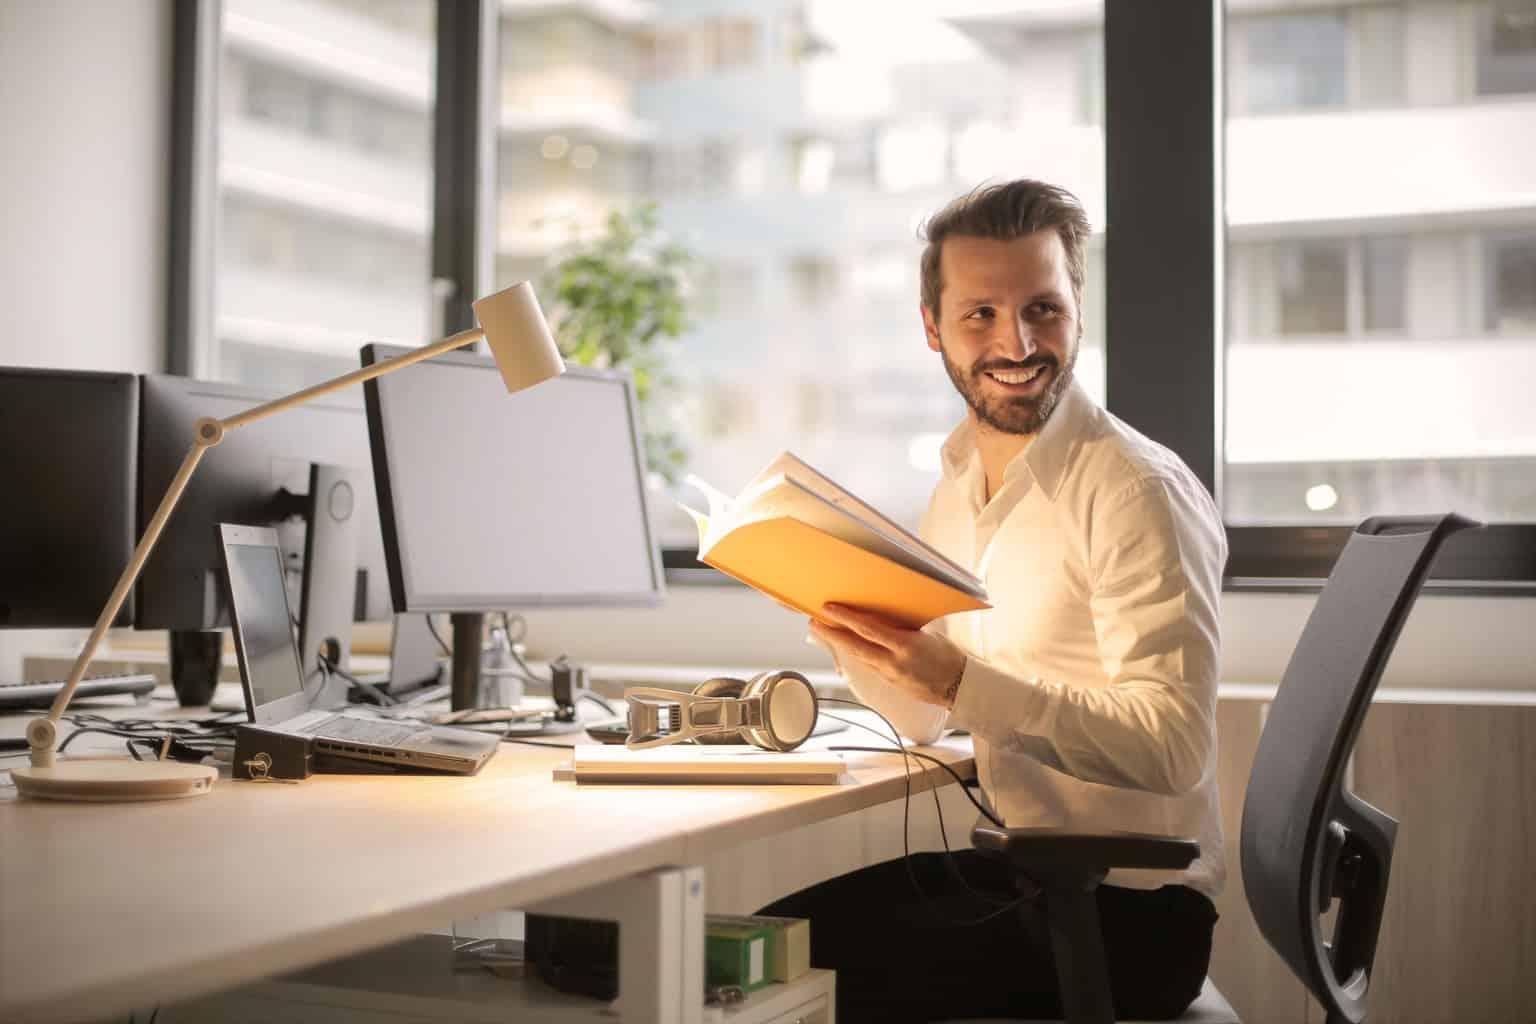 FROM40が転職活動に選ばれている3つの理由とは?